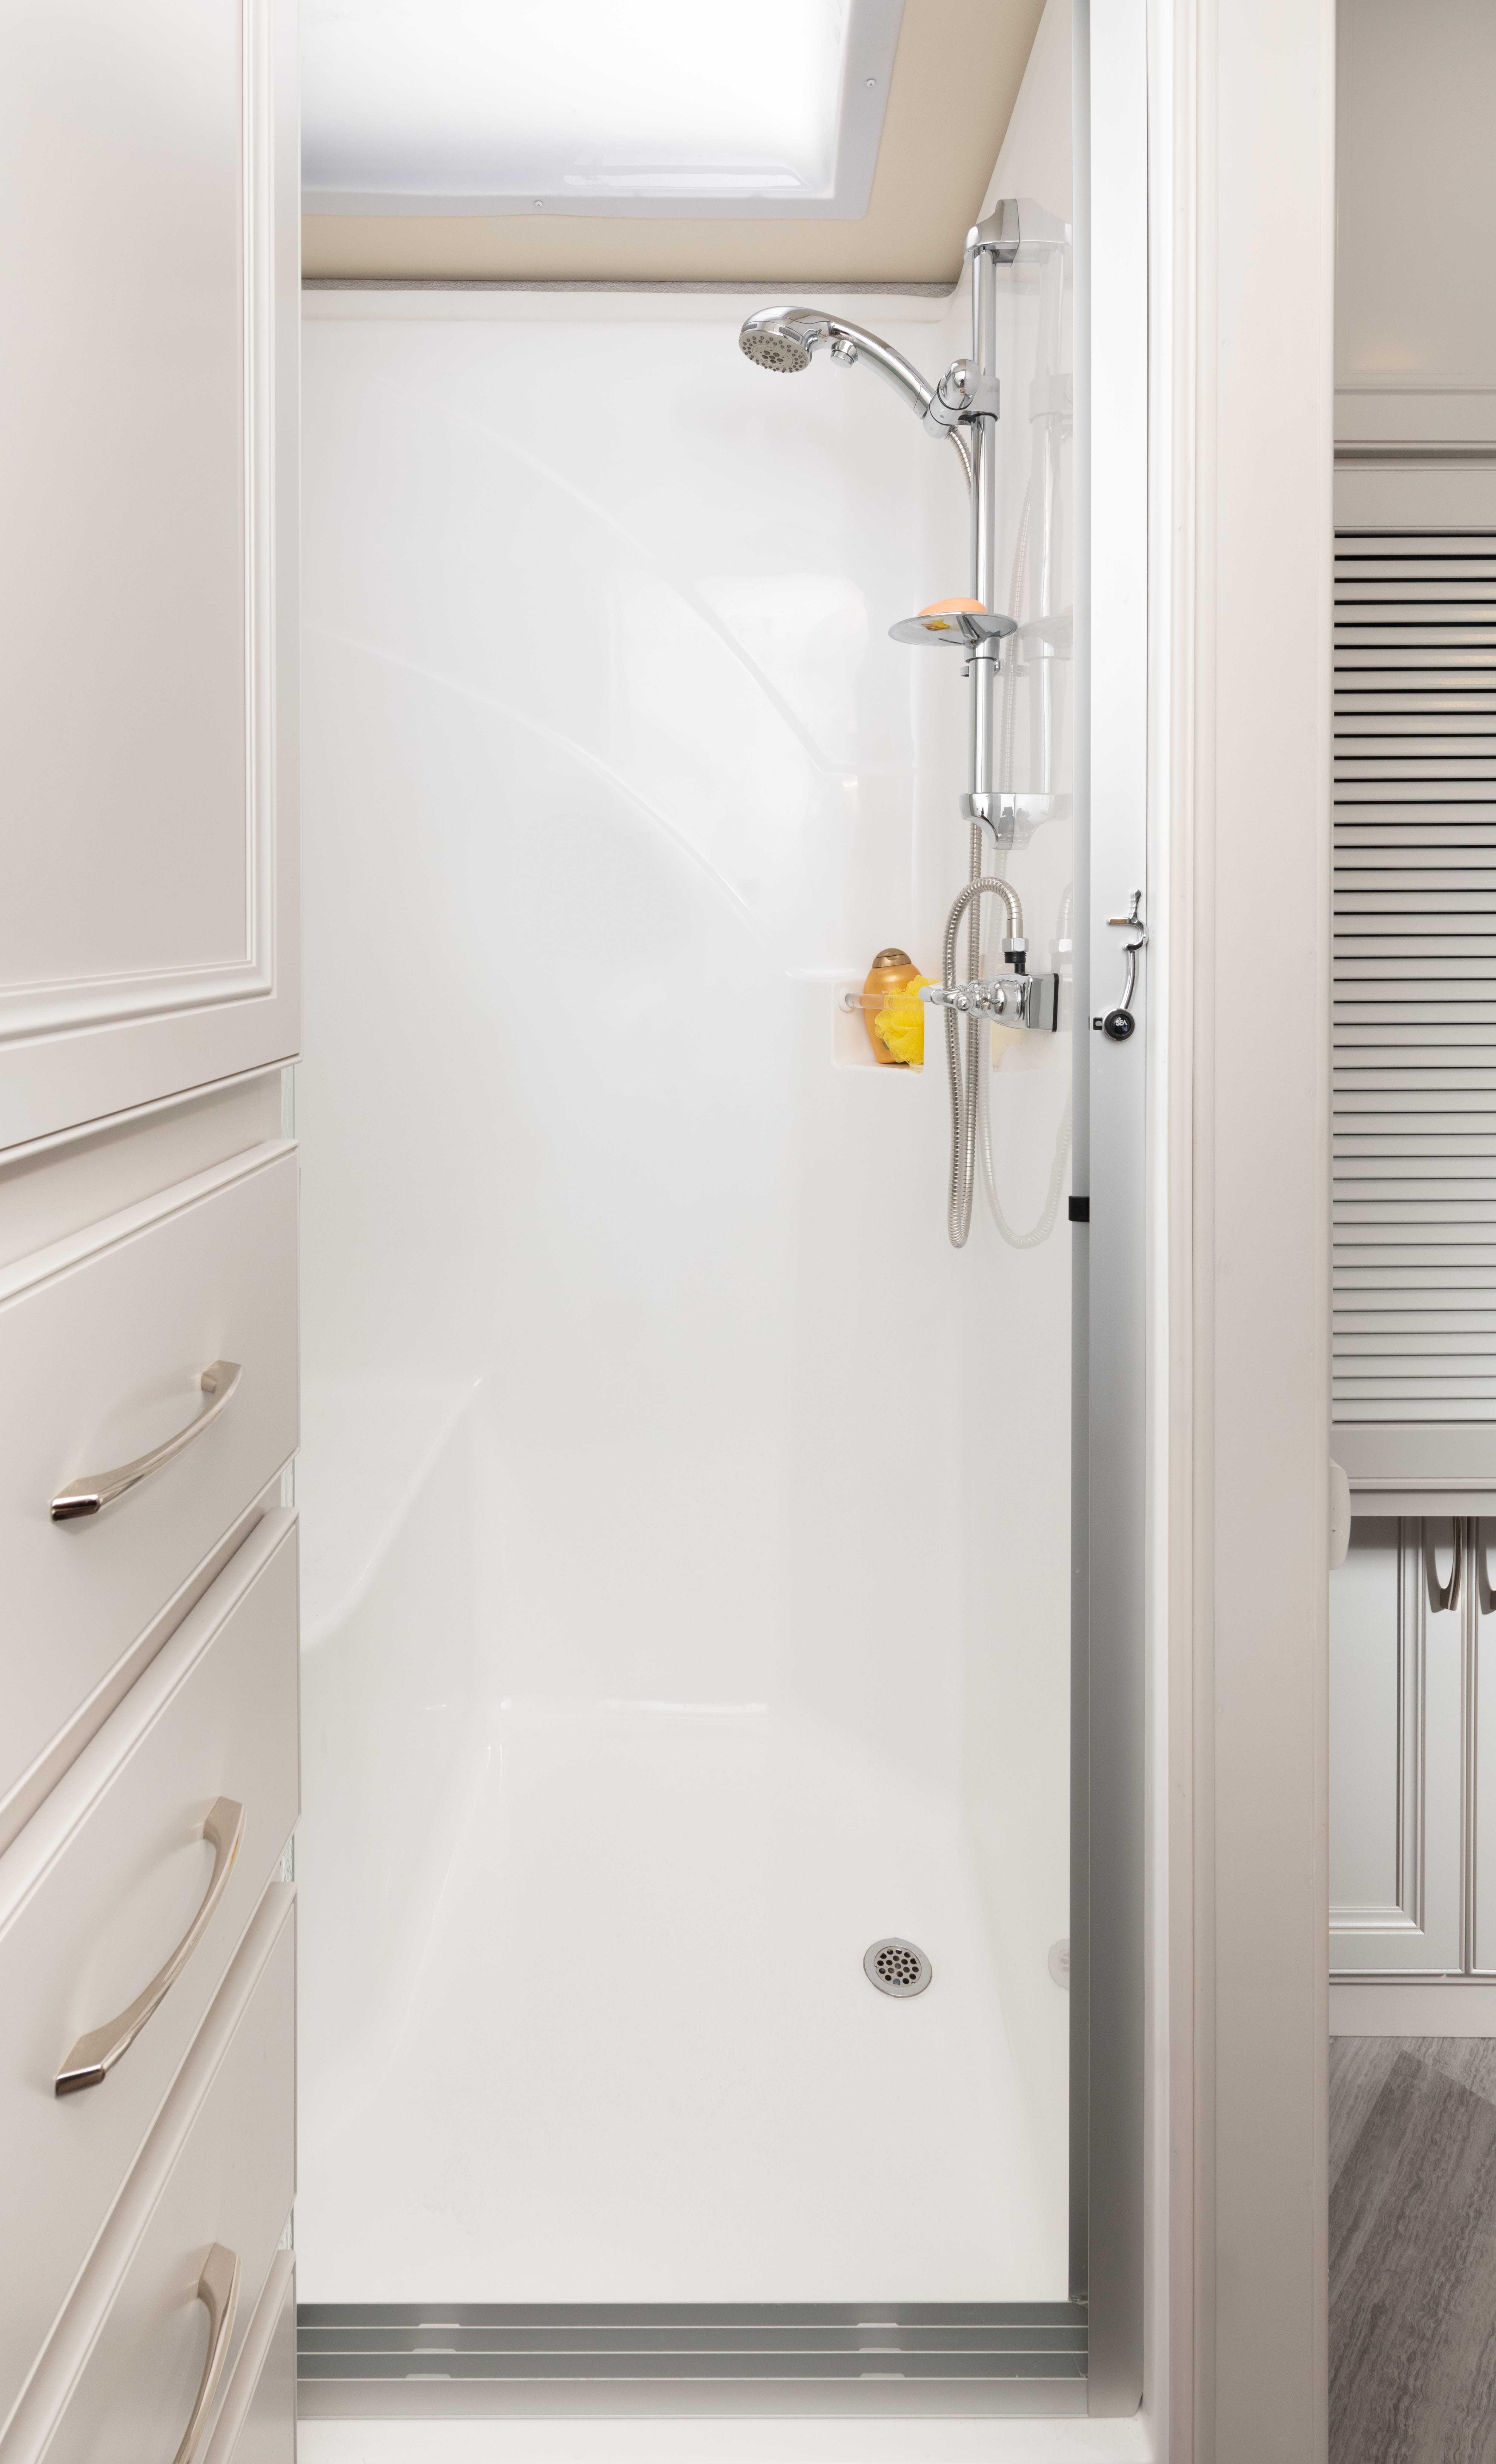 17 shower master SW35 K Guinness SA MY22 7346